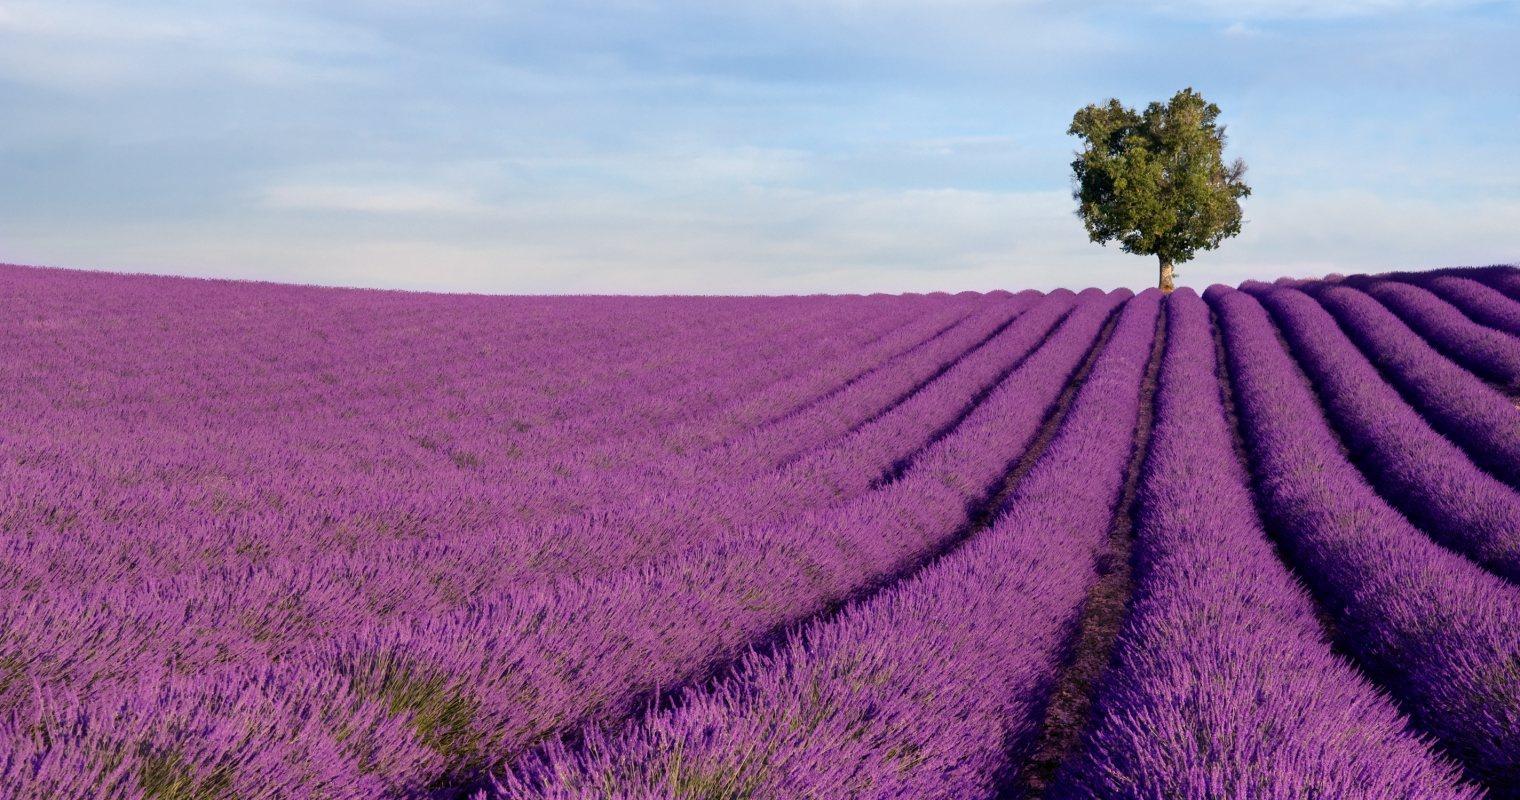 Kết quả hình ảnh cho mùa hoa lavender tại đà lạt